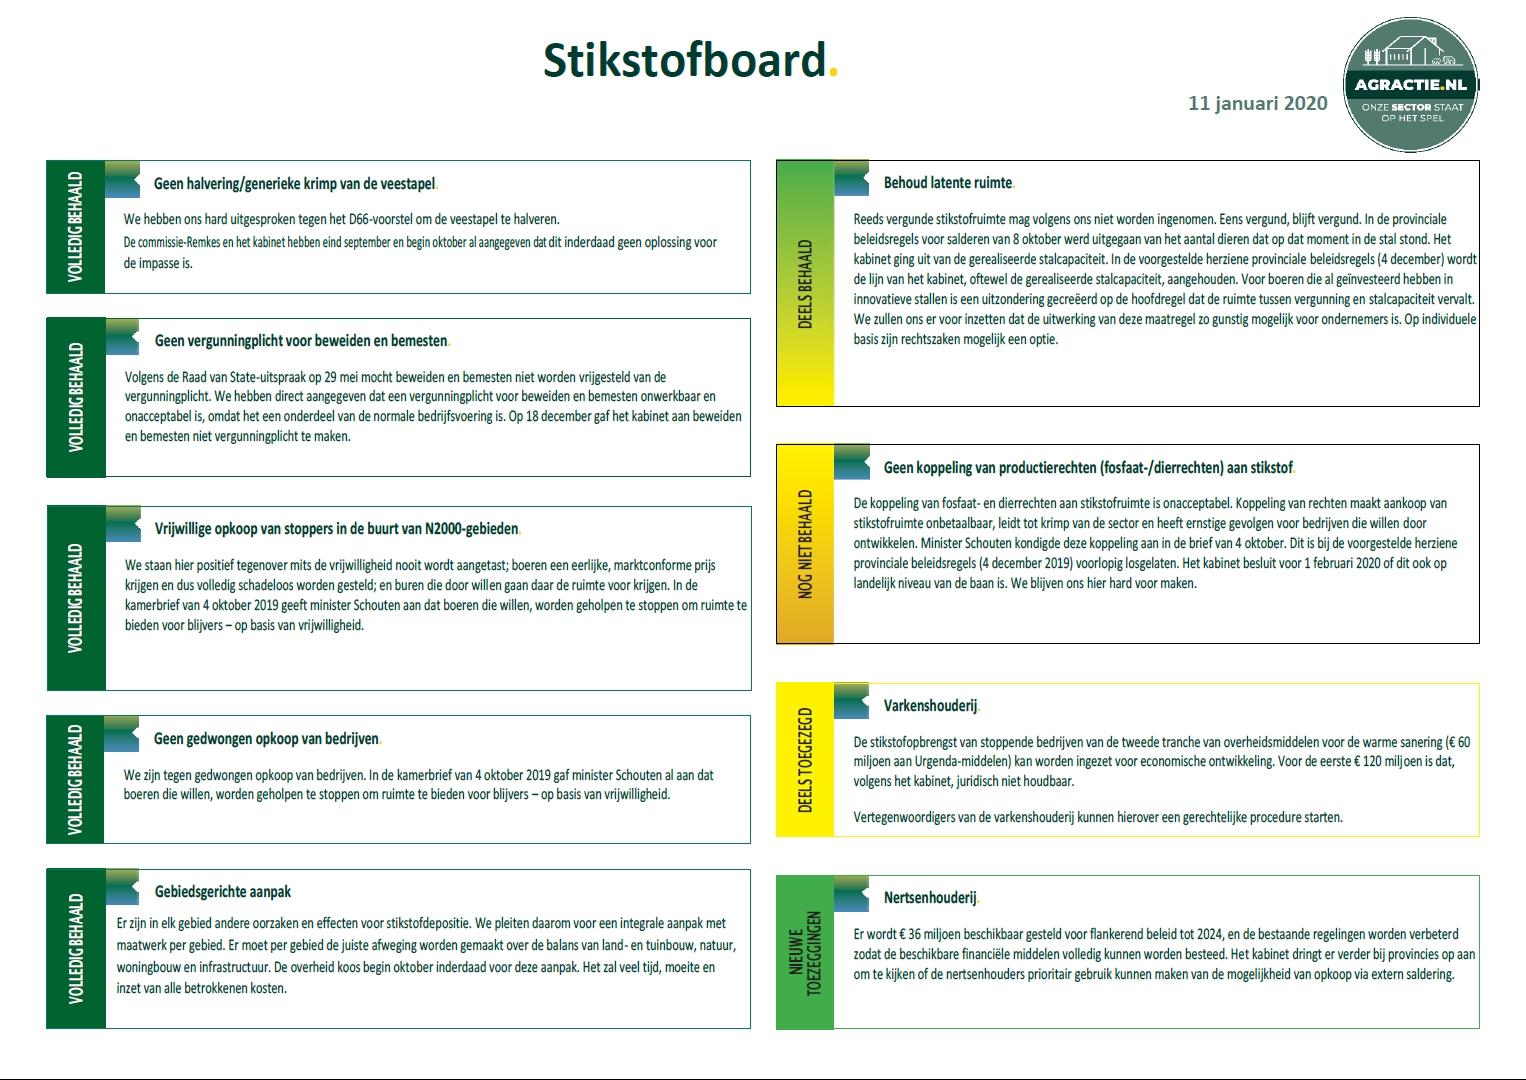 Stikstofdashboard 3.1